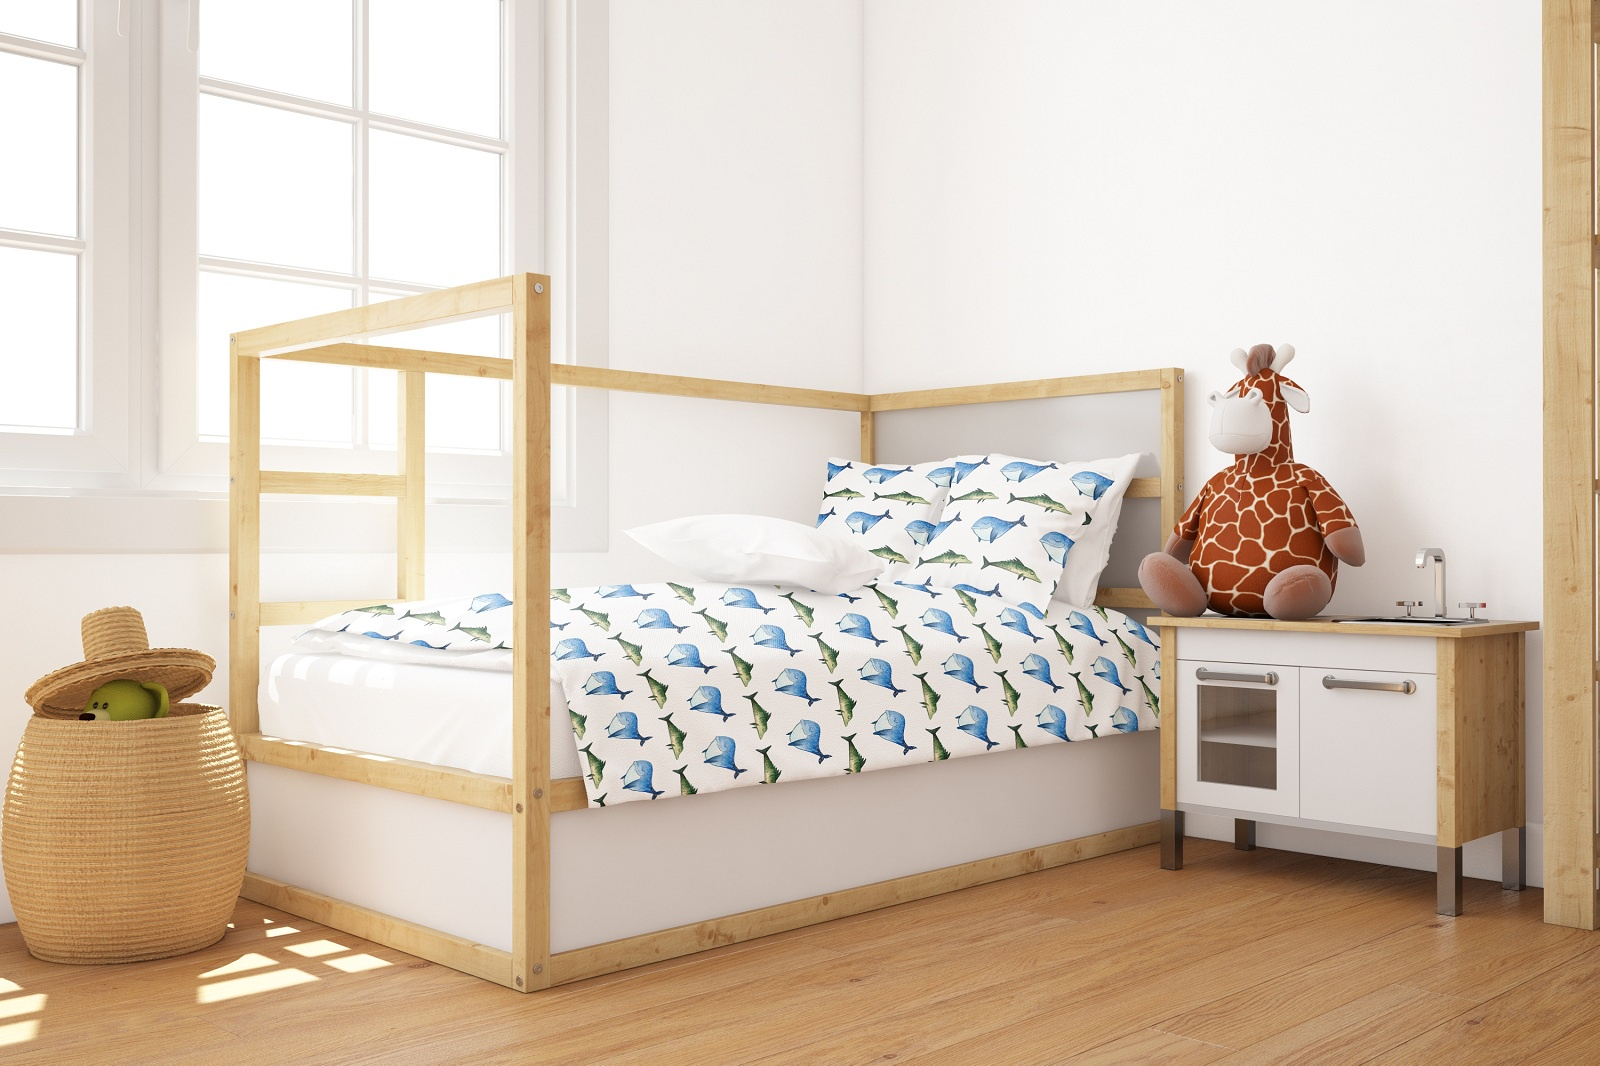 Комплект постельного белья Marengotextile Акварельные рыбки, полуторный пододеяльник коллекция котик бязь 1 5 спальный 150х210 см